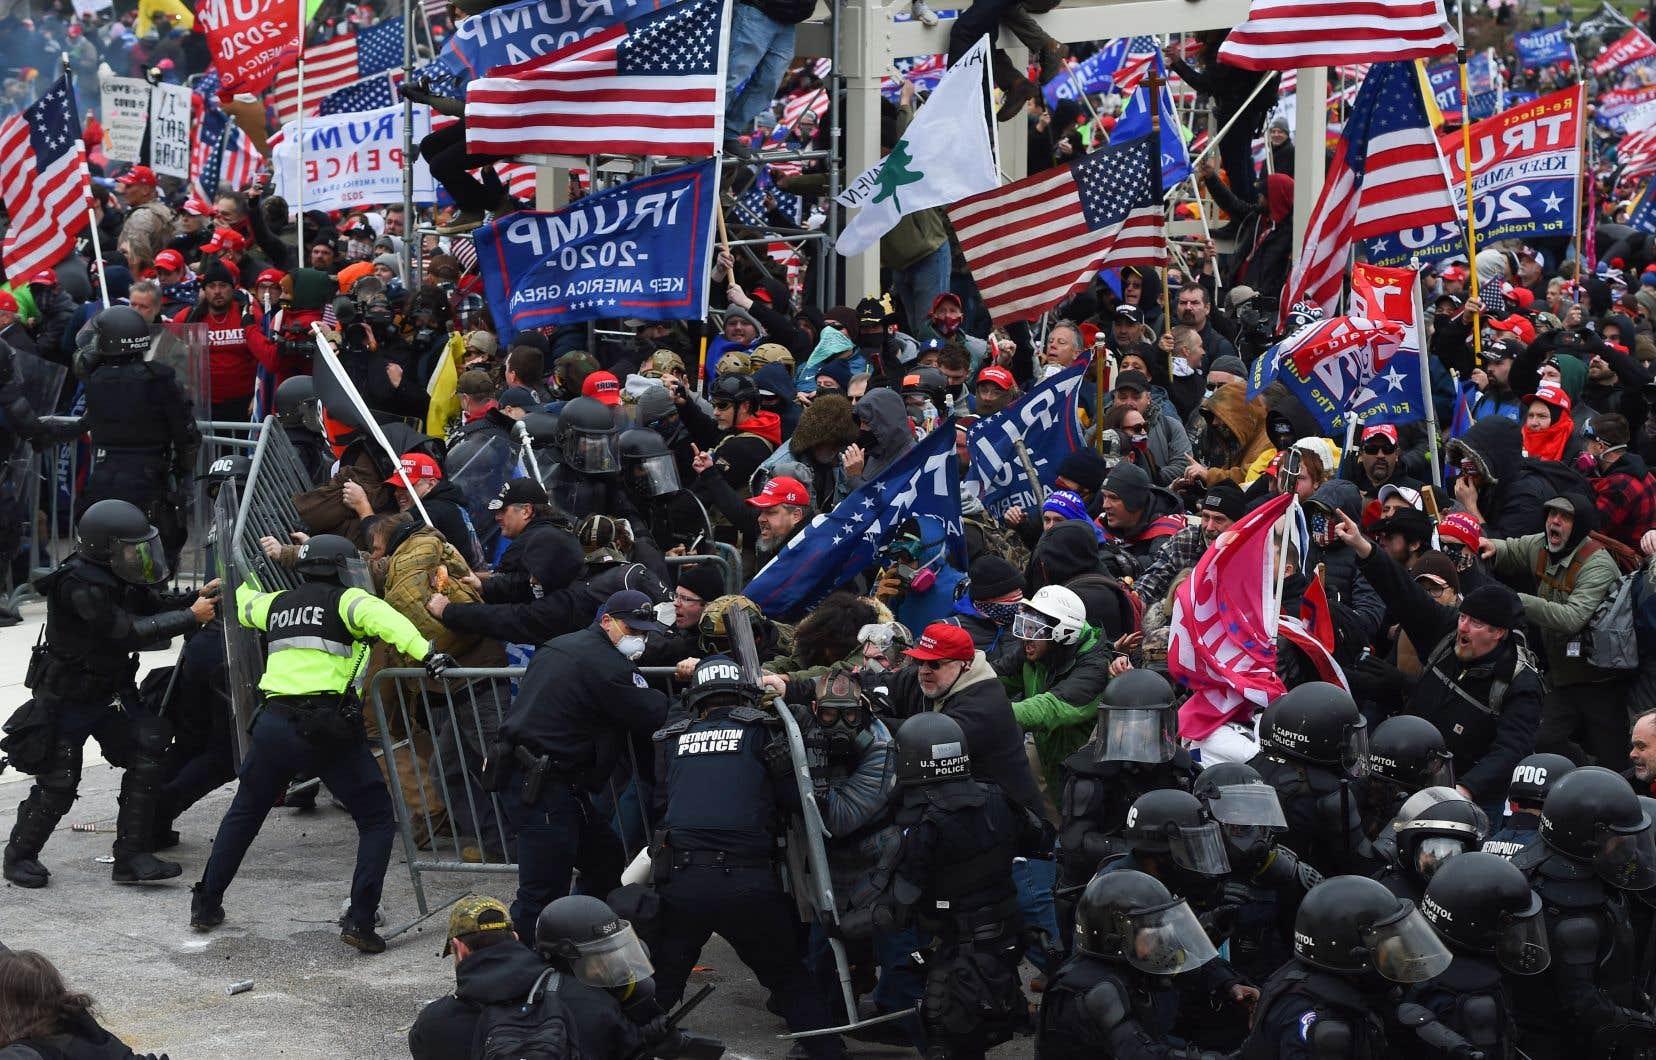 La présence d'une grande foule de partisans venus à Washington à l'invitation de Donald Trump n'aurait pas dû surprendre les autorités.